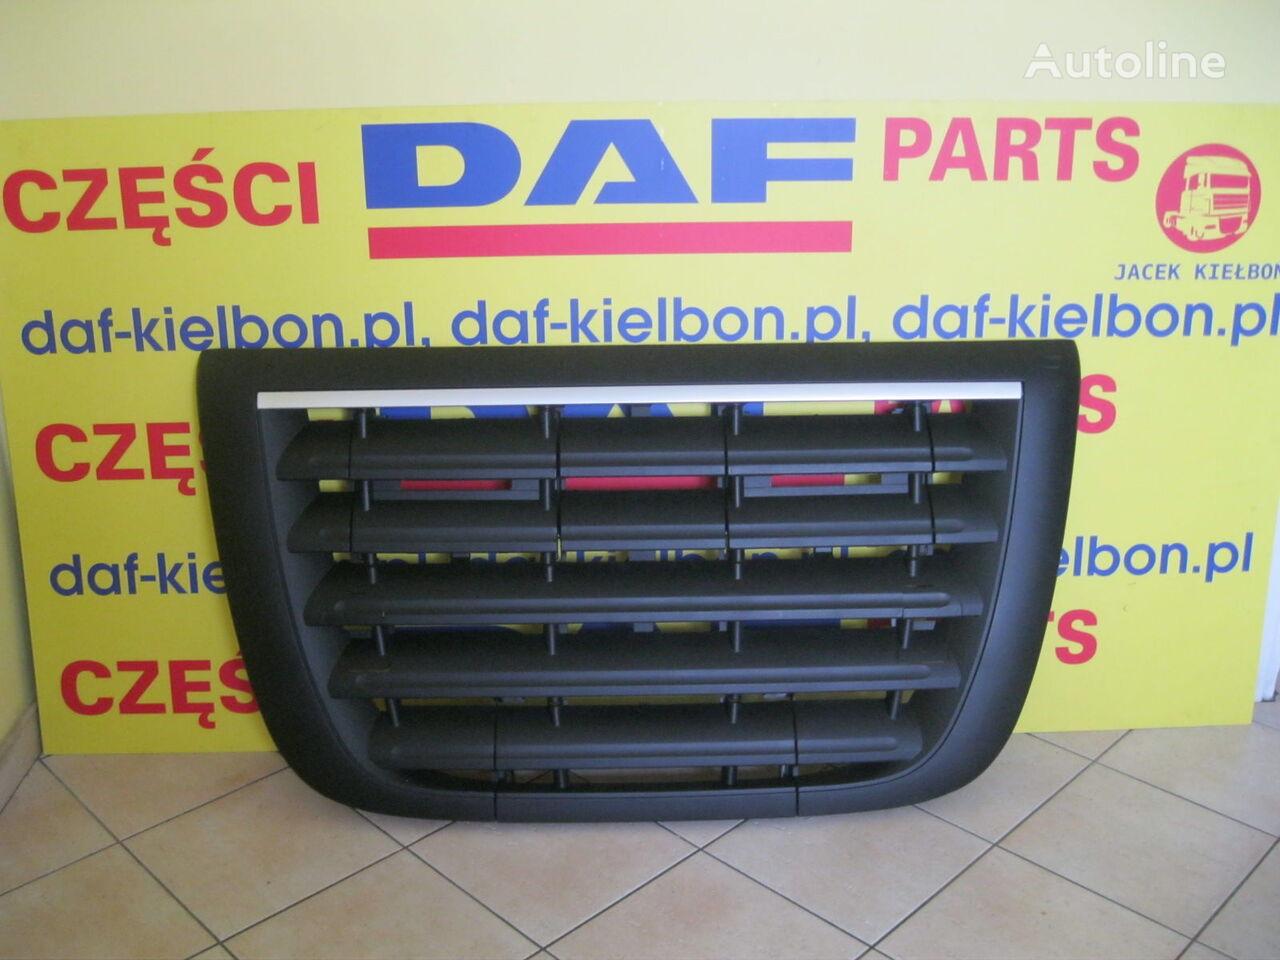 nieuw DAF GRILL motorkap voor DAF XF 105 trekker